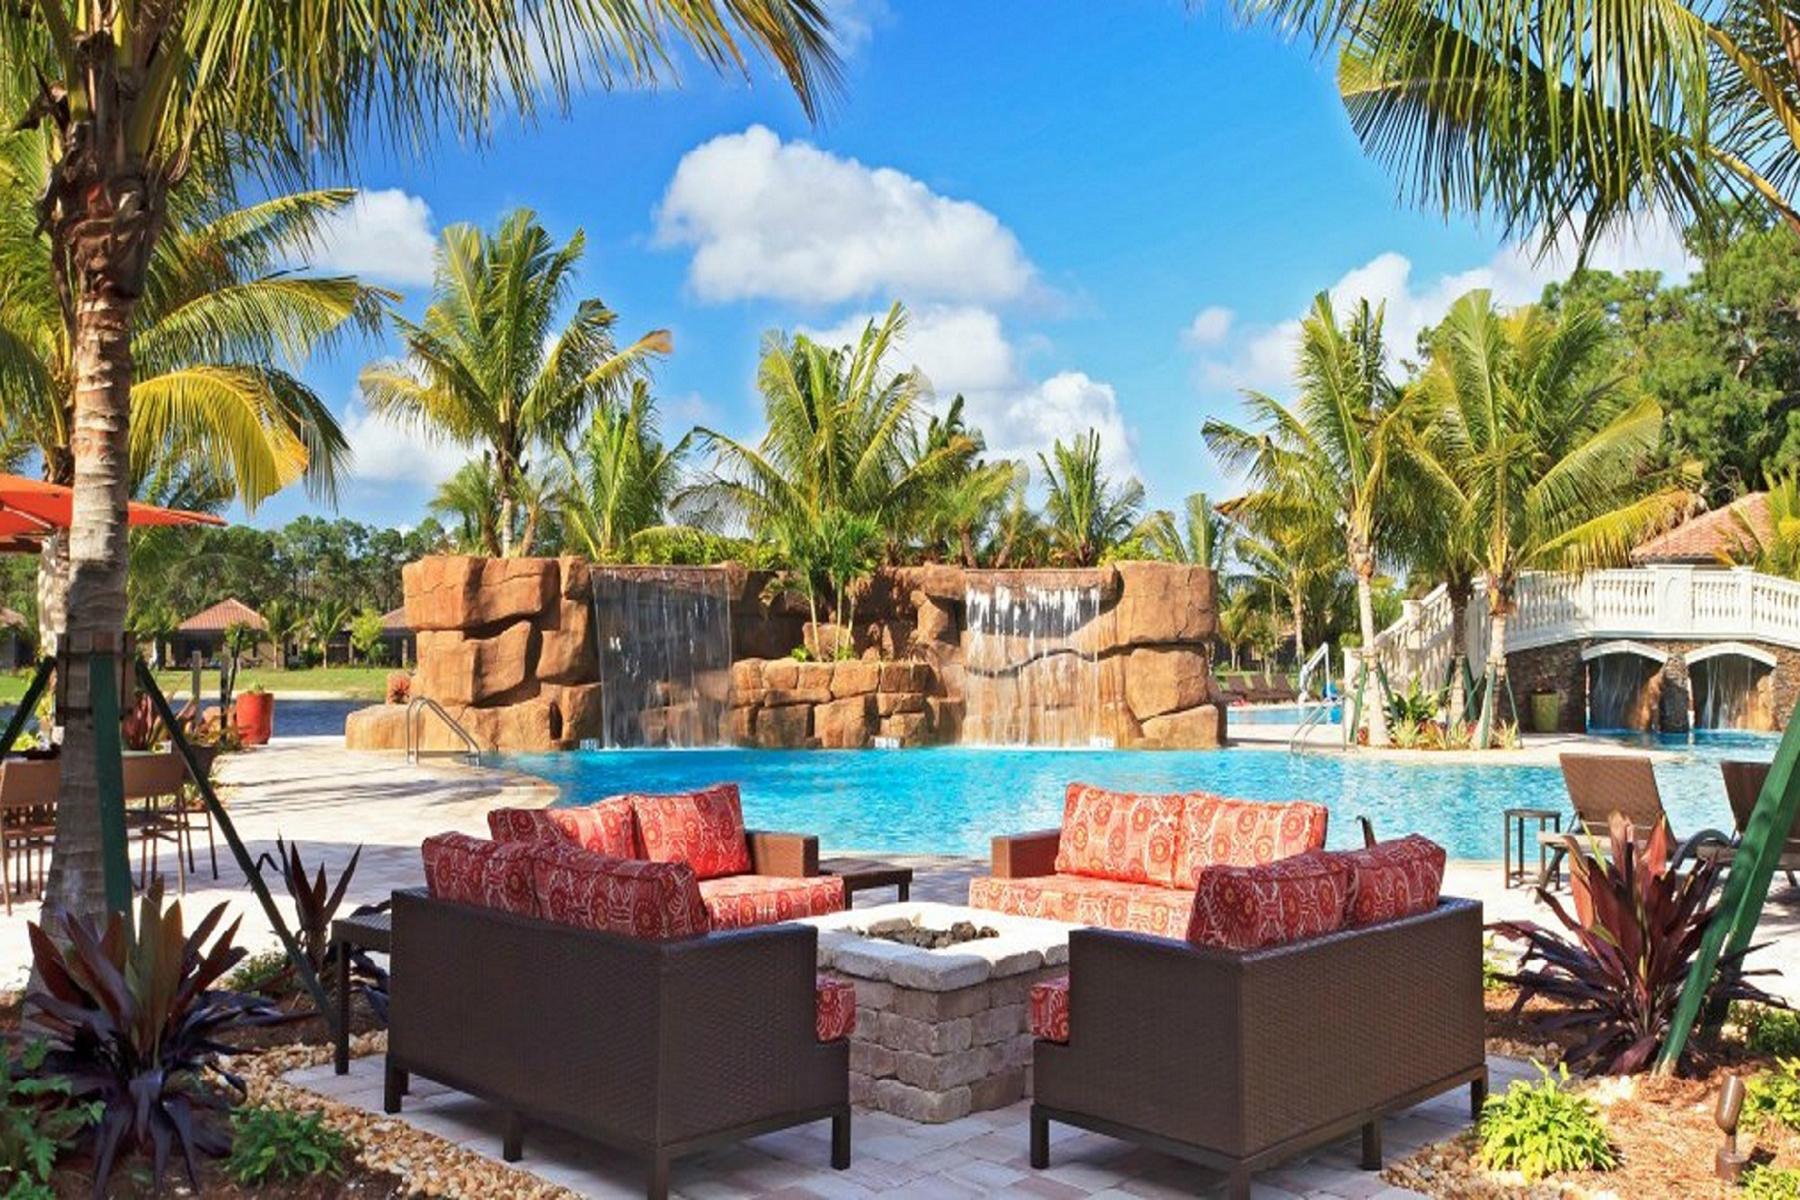 Condominium for Sale at TREVISO BAY 9715 Acqua Ct 132, Naples, Florida, 34113 United States